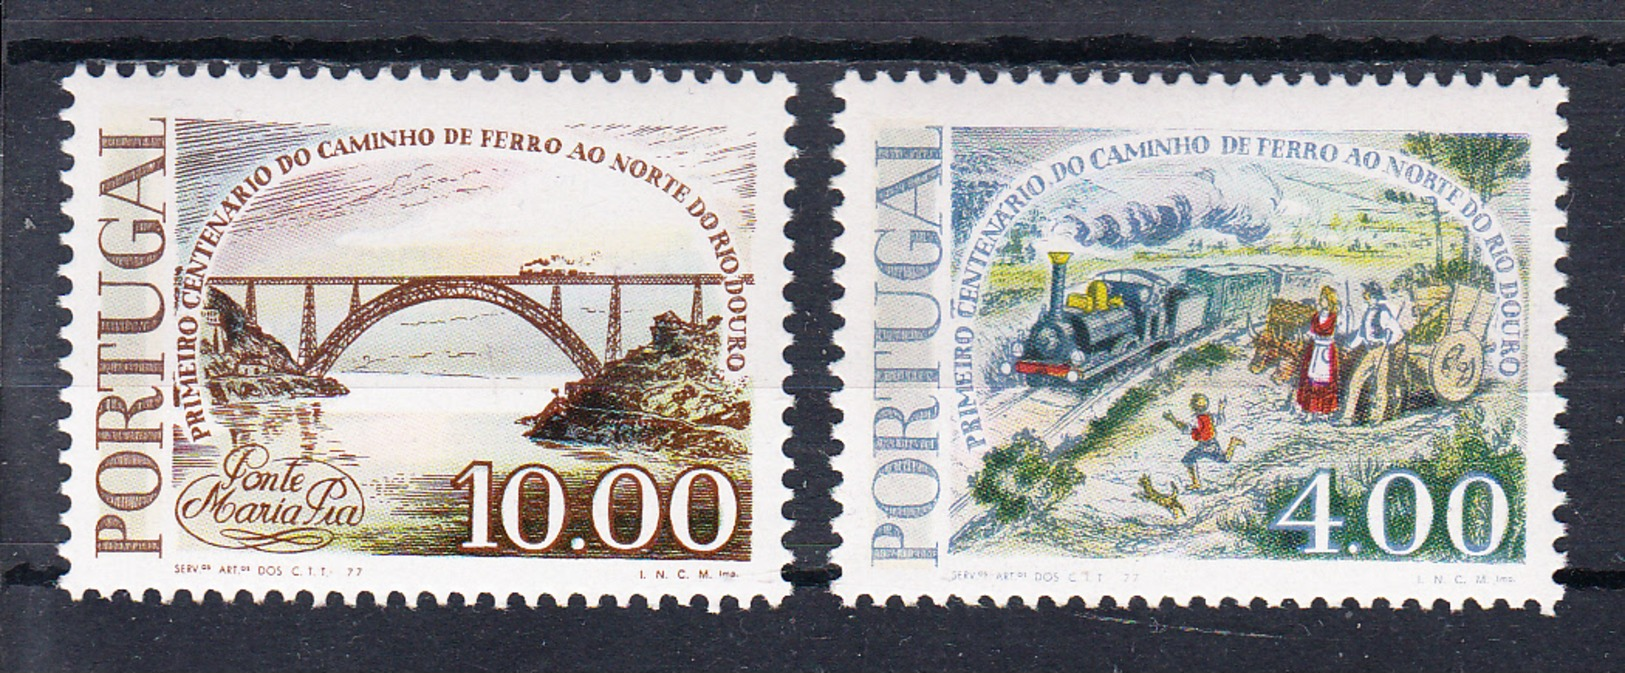 PORTUGAL.1977.CENTENARIO CAMINHO DE FERRO A NORTE DO DOURO   Nº 1346/1347  NOVOS SEM CHARNEIRA .CECI 2 Nº 86 - Nuevos